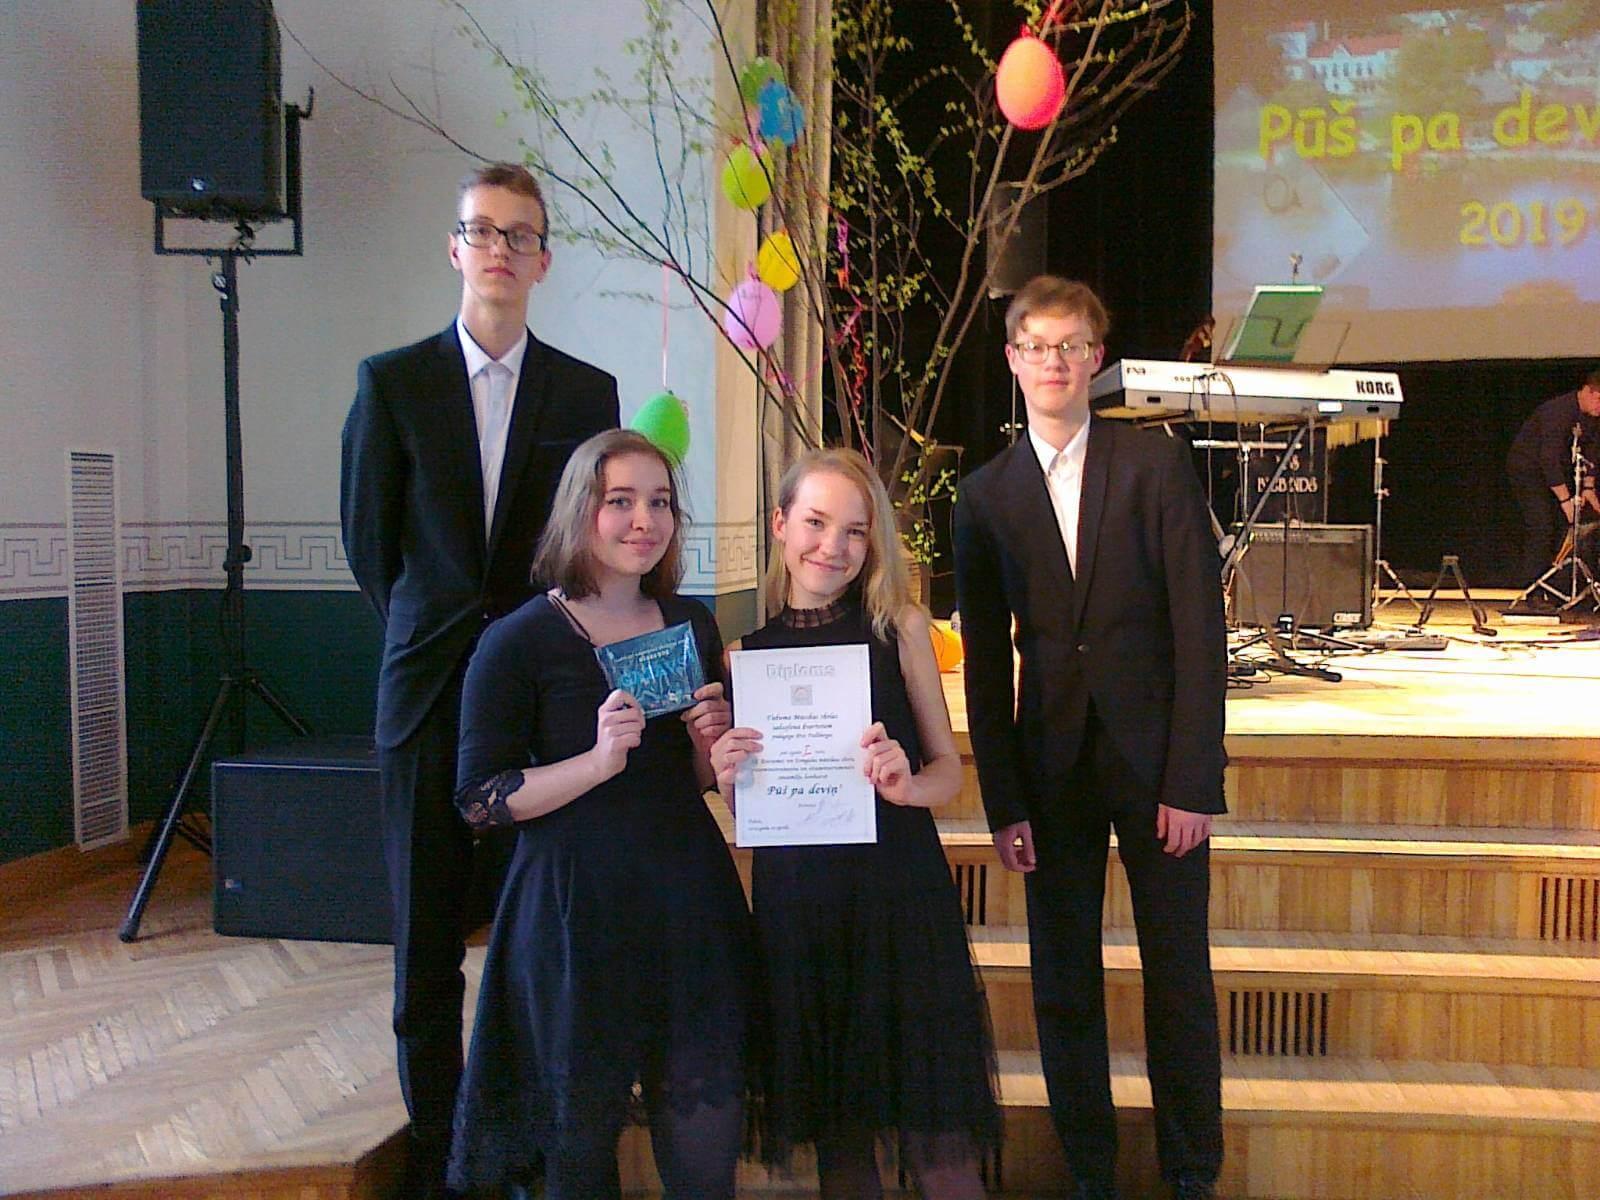 Gustava Jākobsona 1. vieta mūzikas skolu konkursā Pūš pa deviņ'